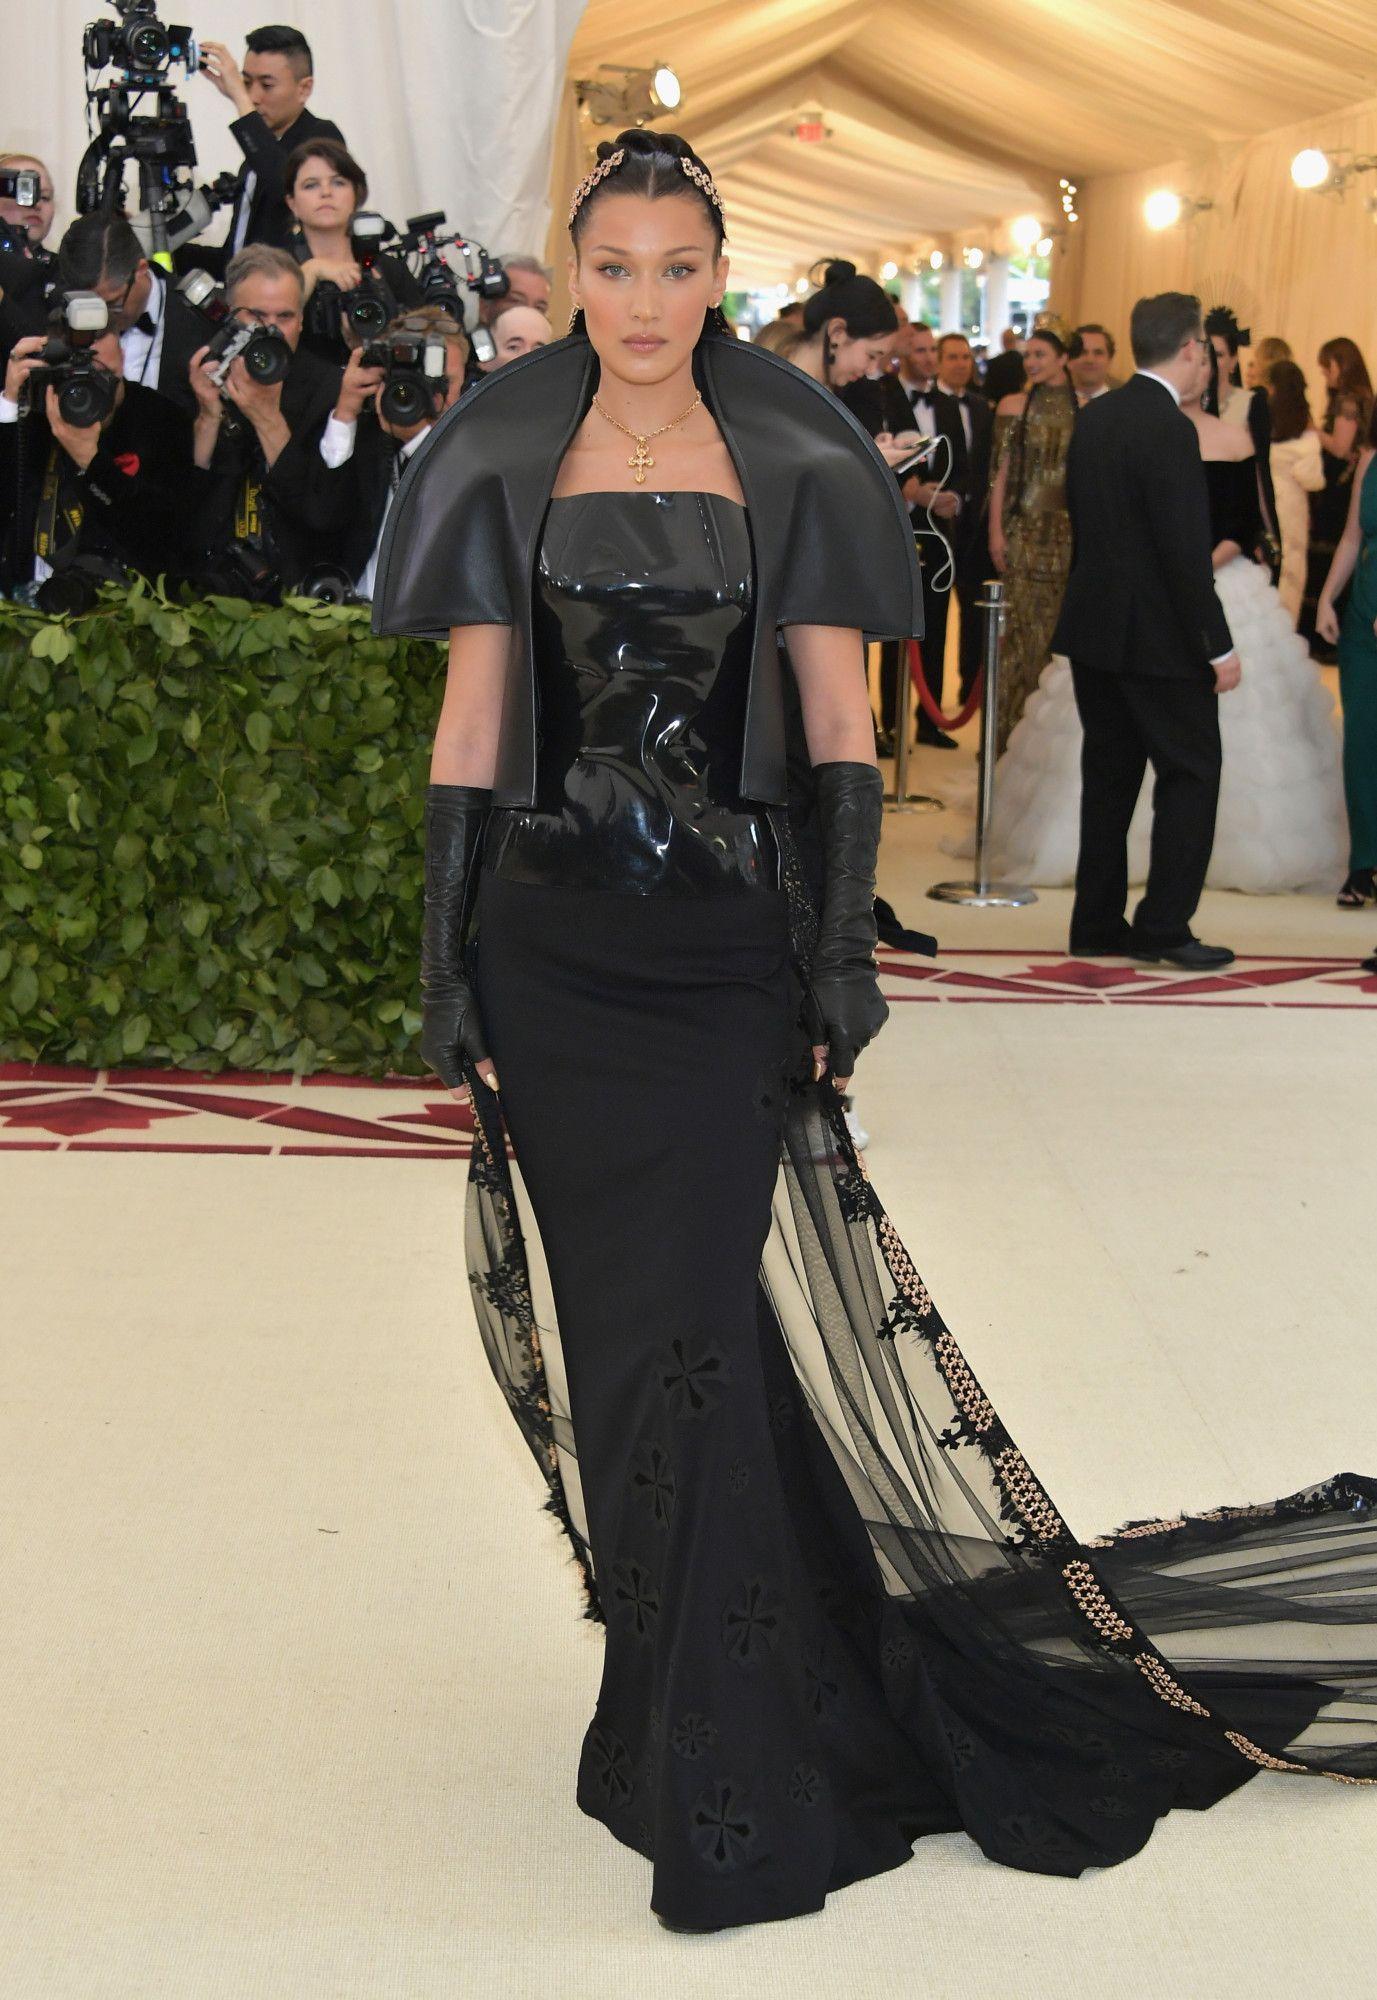 фото знаменитостей в вечерних платьях